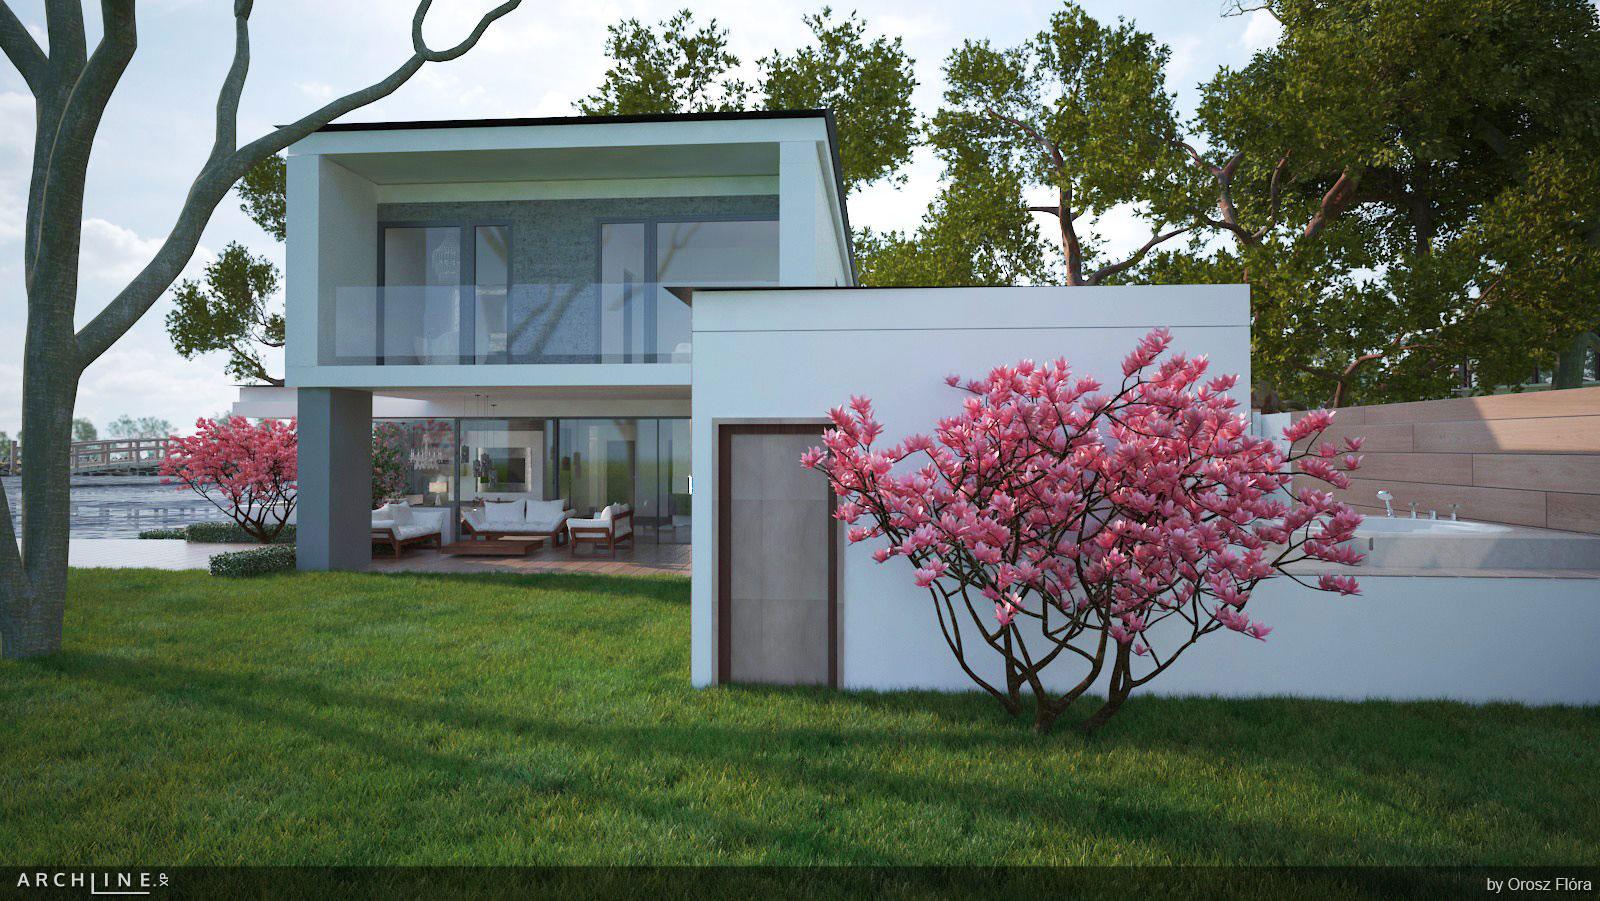 orosz-flora-architecture-design